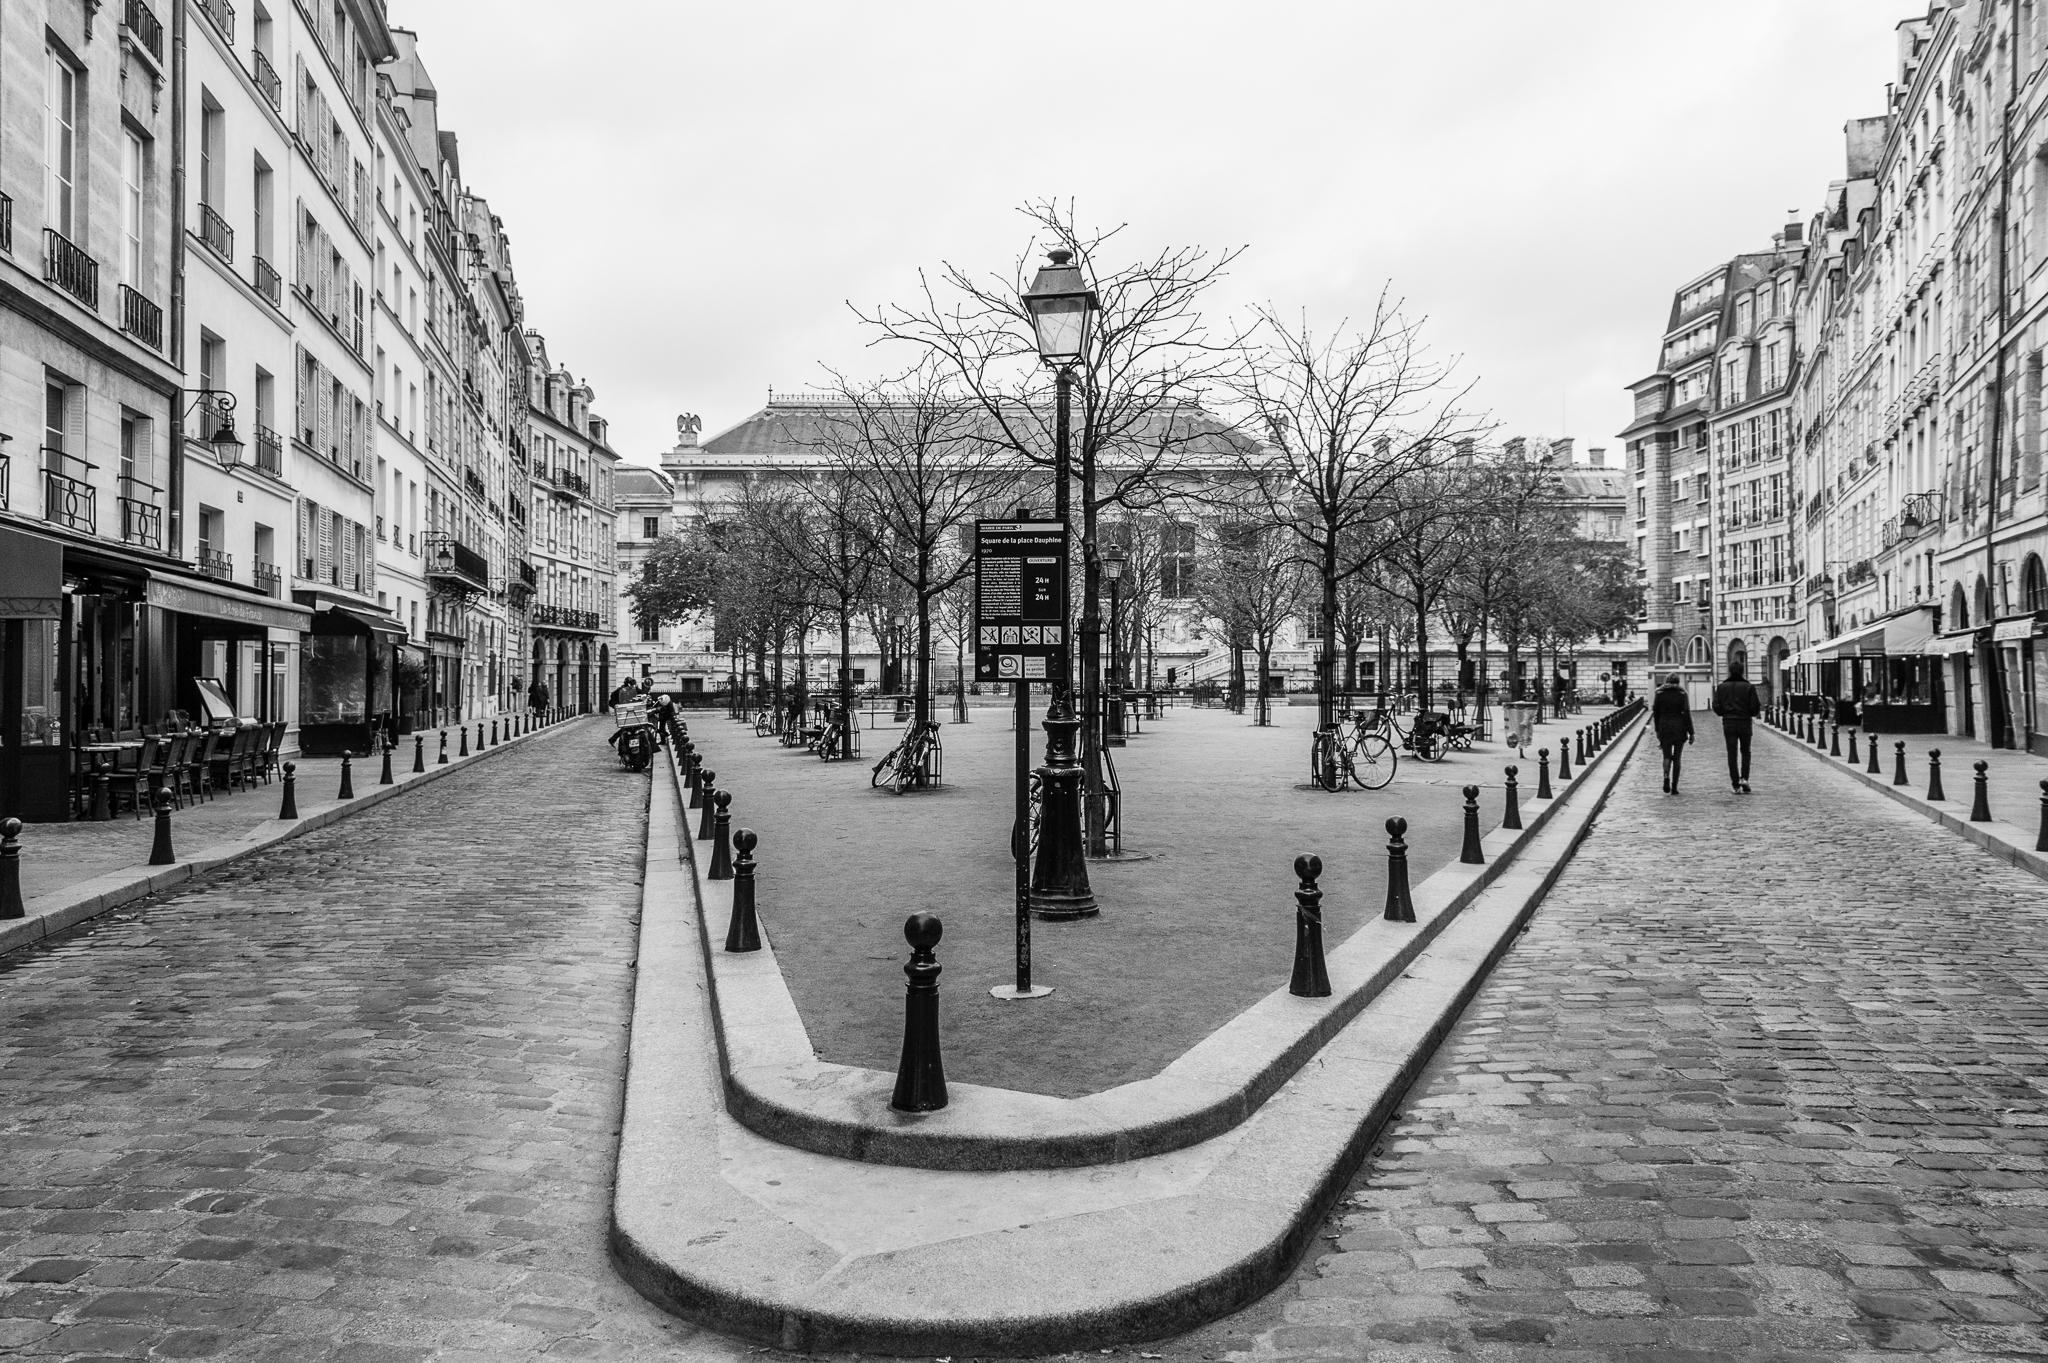 Jason-Davis-Images-Paris-0001.jpg